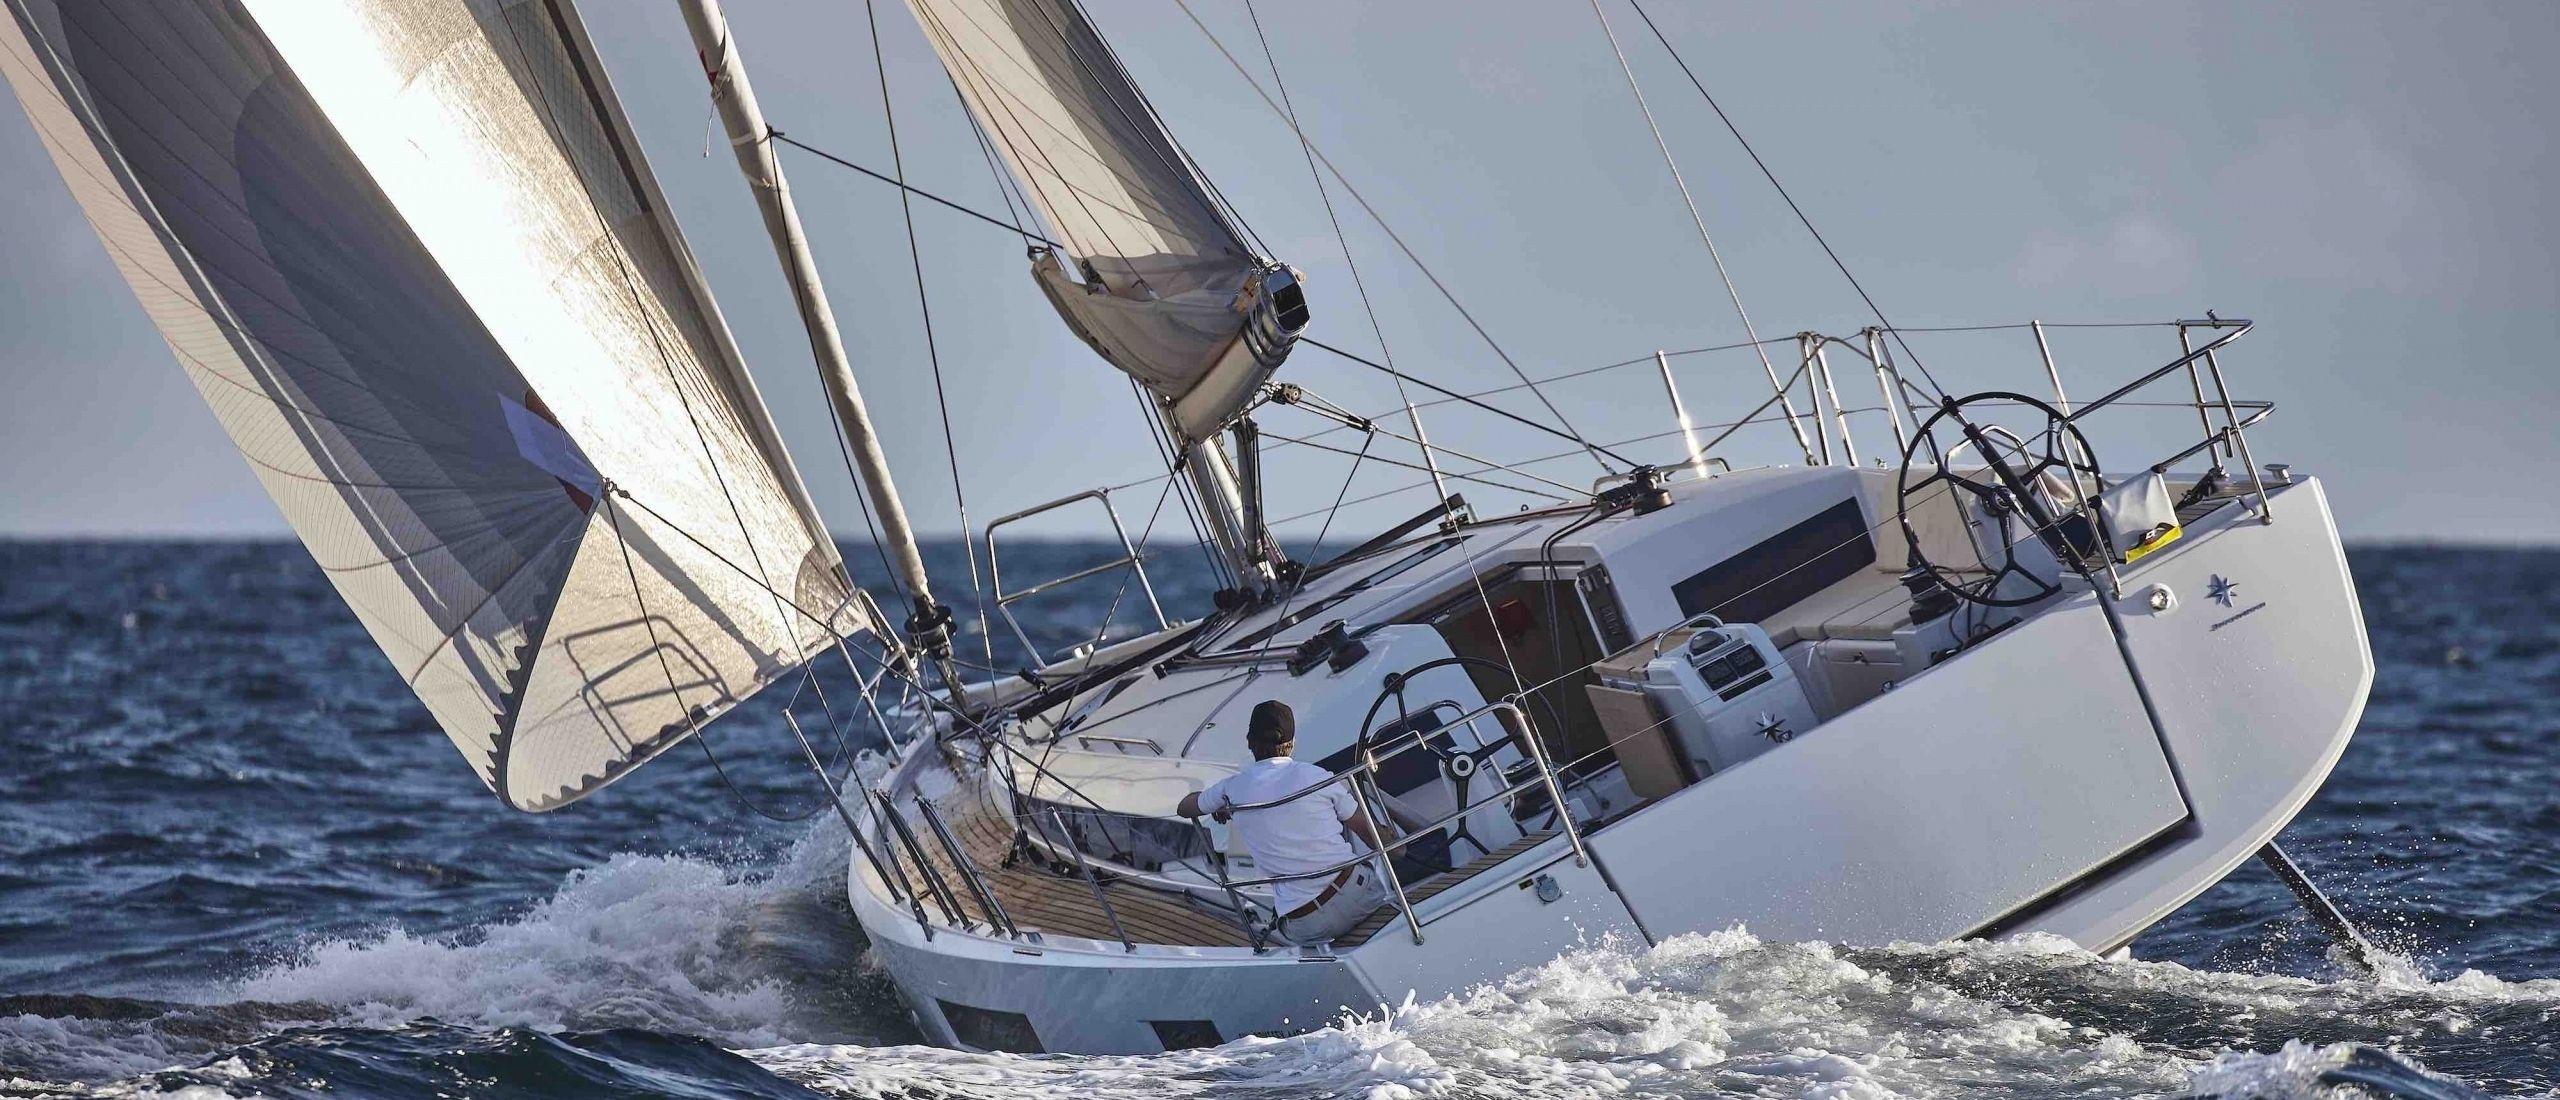 Jeanneau Sun Odyssey 440 - Venta de barcos